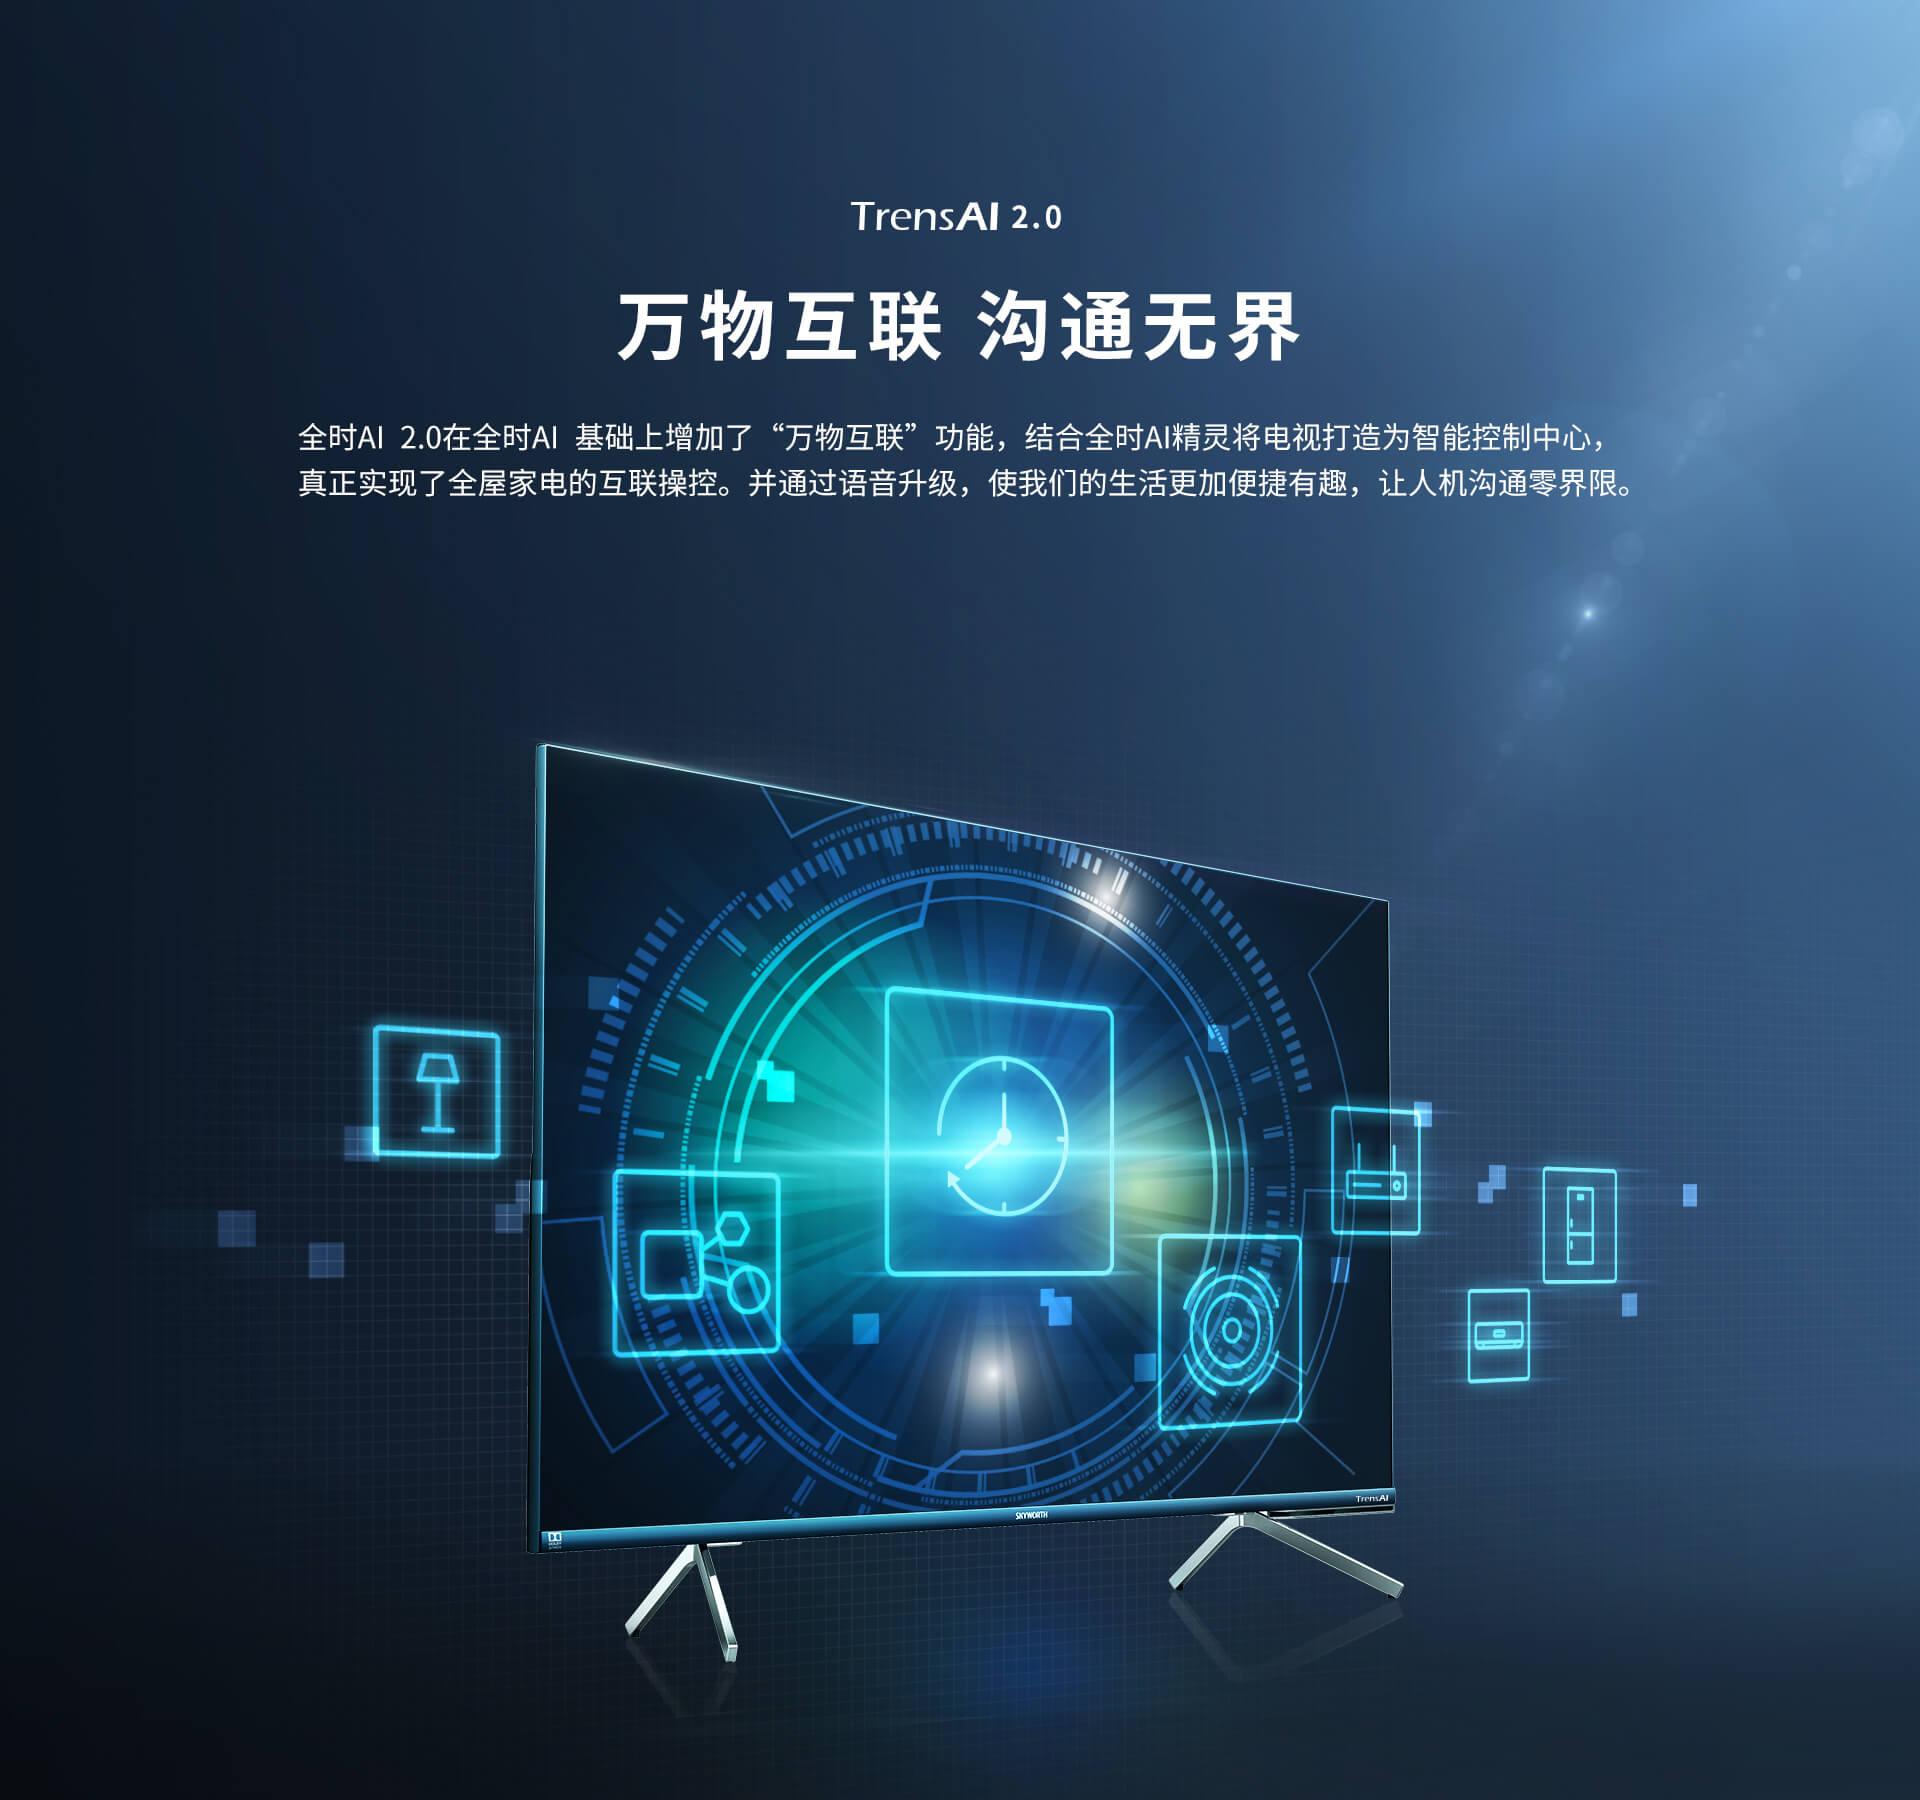 04-全时AI 2.0.jpg